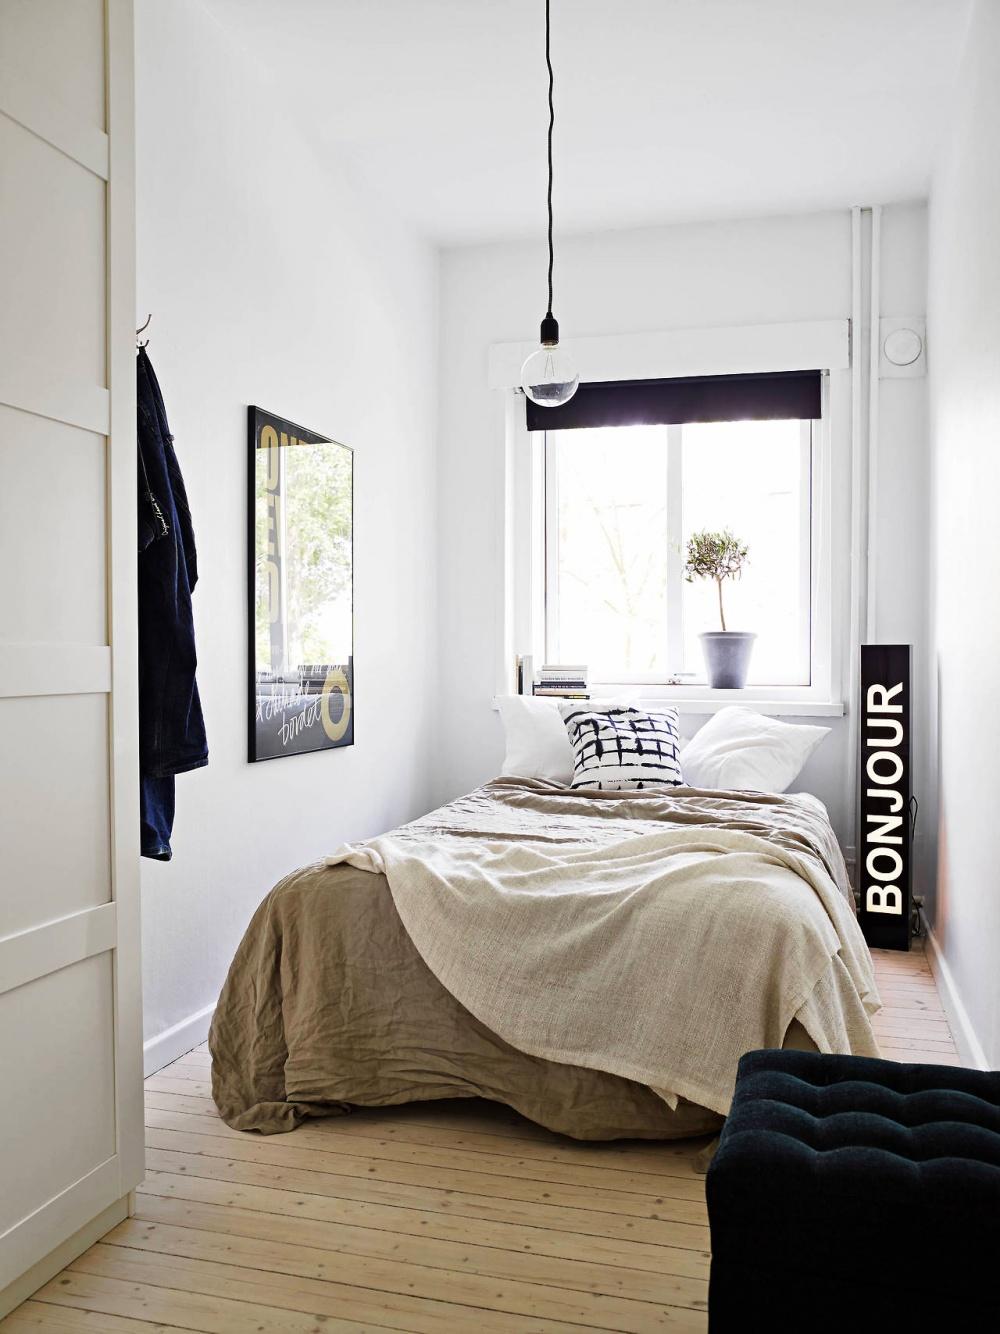 Ảnh: Giải pháp thiết kế nội thất cho phòng ngủ diện tích nhỏ 9